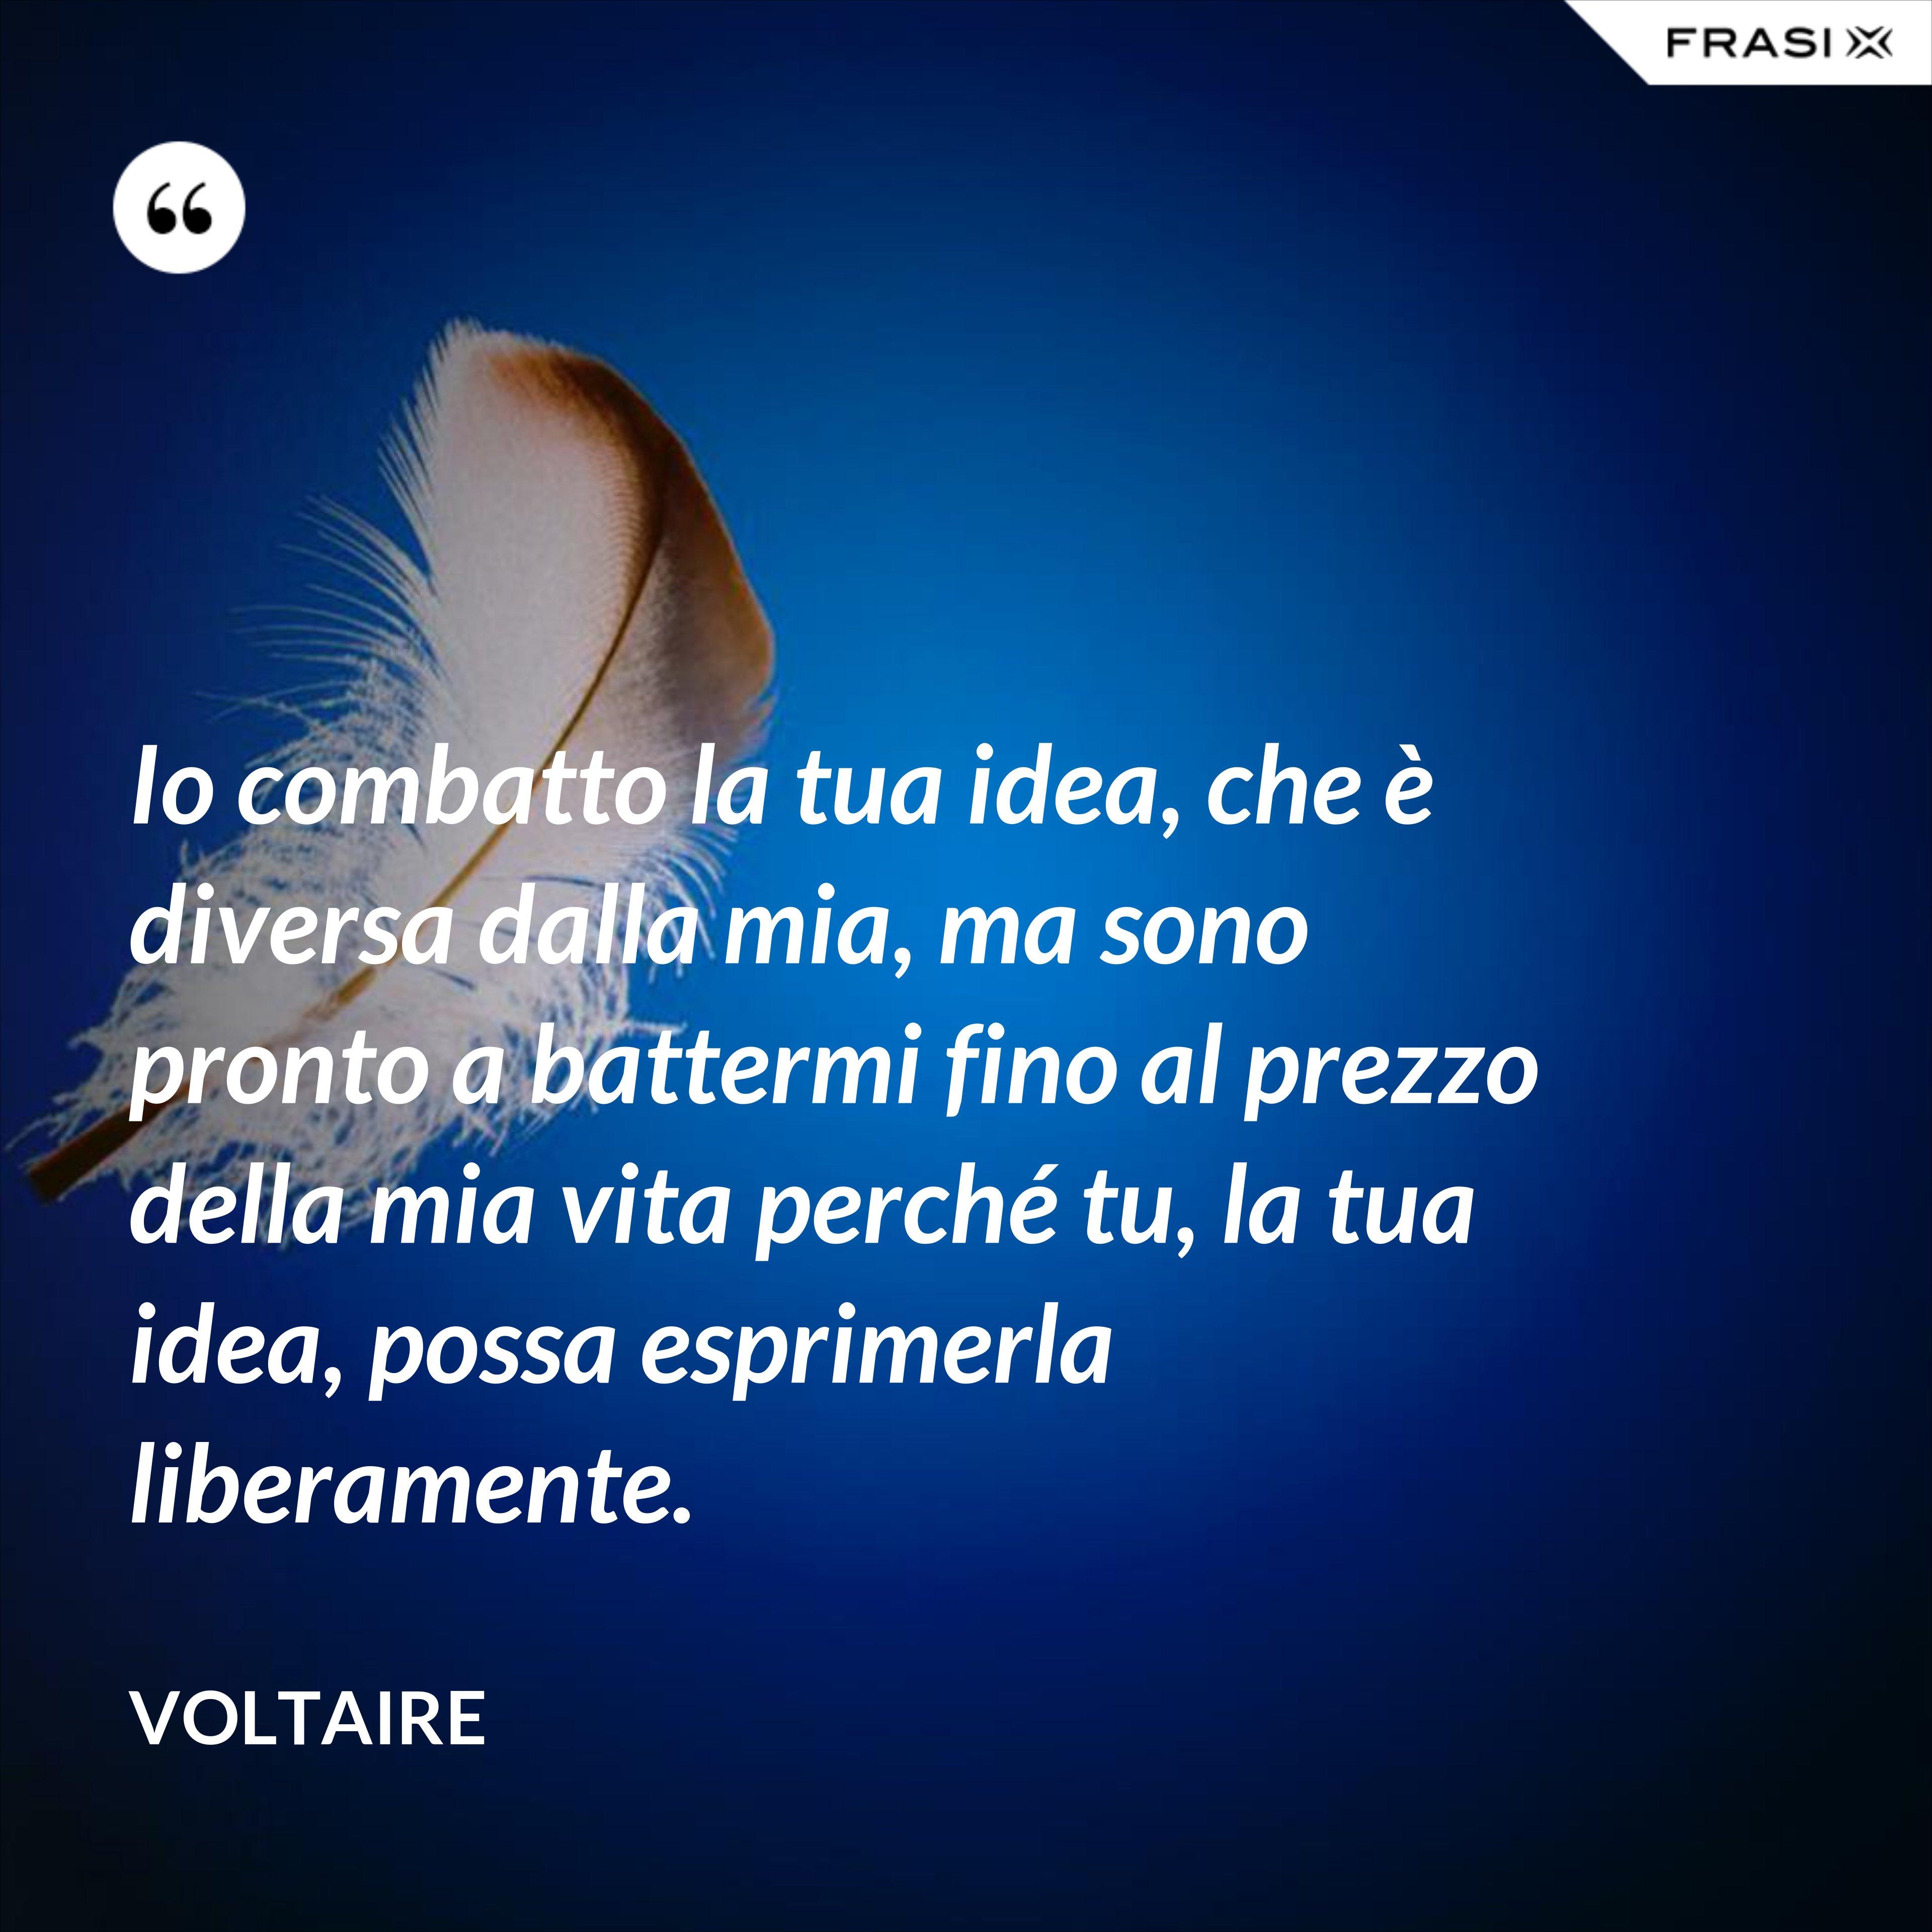 Io combatto la tua idea, che è diversa dalla mia, ma sono pronto a battermi fino al prezzo della mia vita perché tu, la tua idea, possa esprimerla liberamente. - Voltaire